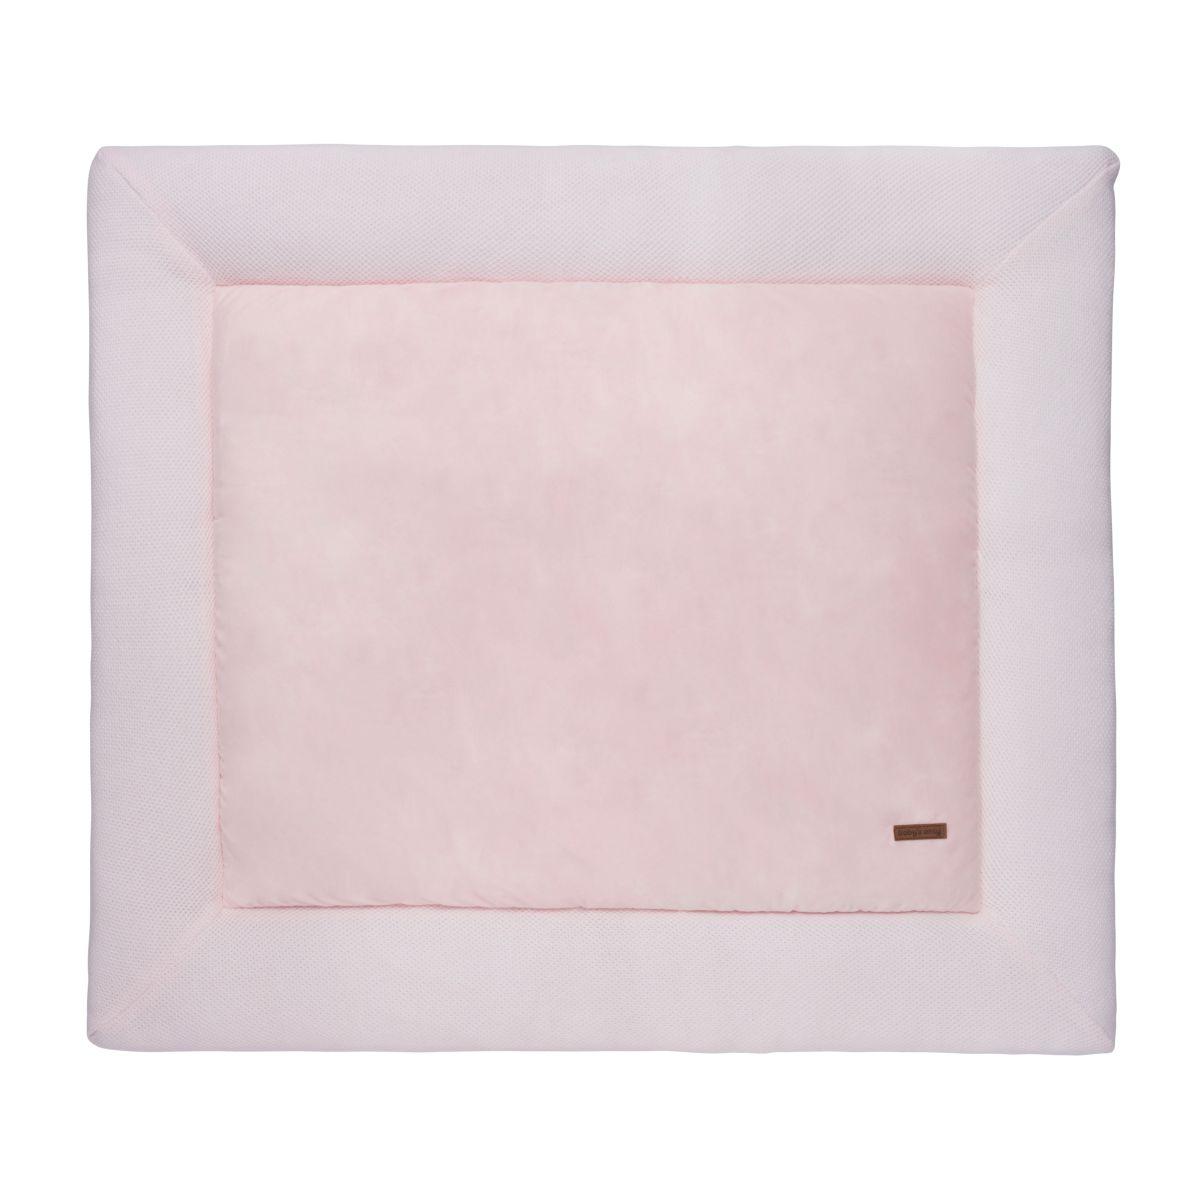 playpen mat classic pink 75x95